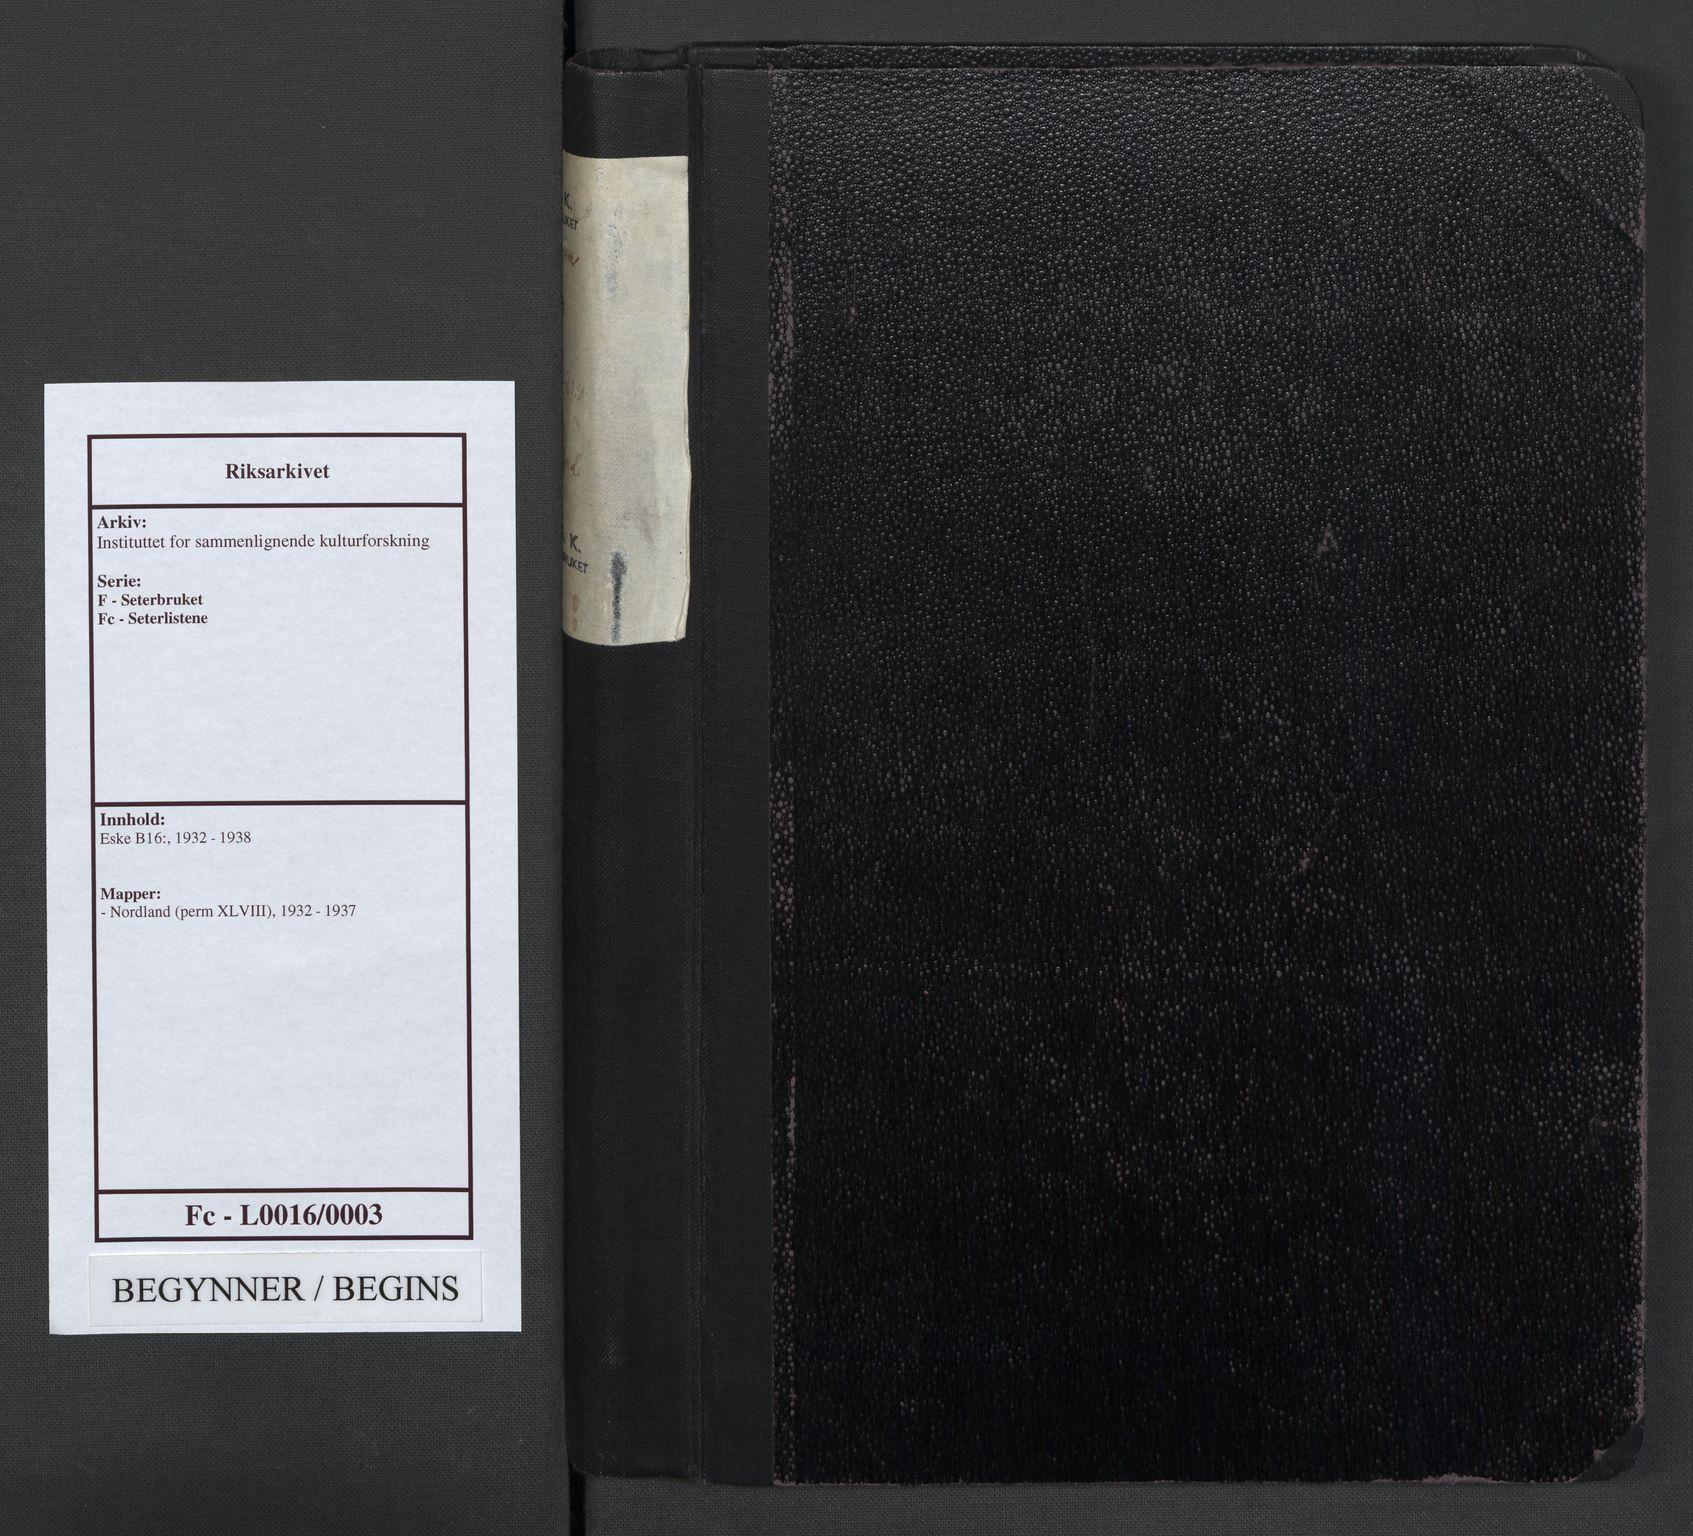 RA, Instituttet for sammenlignende kulturforskning, F/Fc/L0016: Eske B16:, 1932-1937, s. upaginert